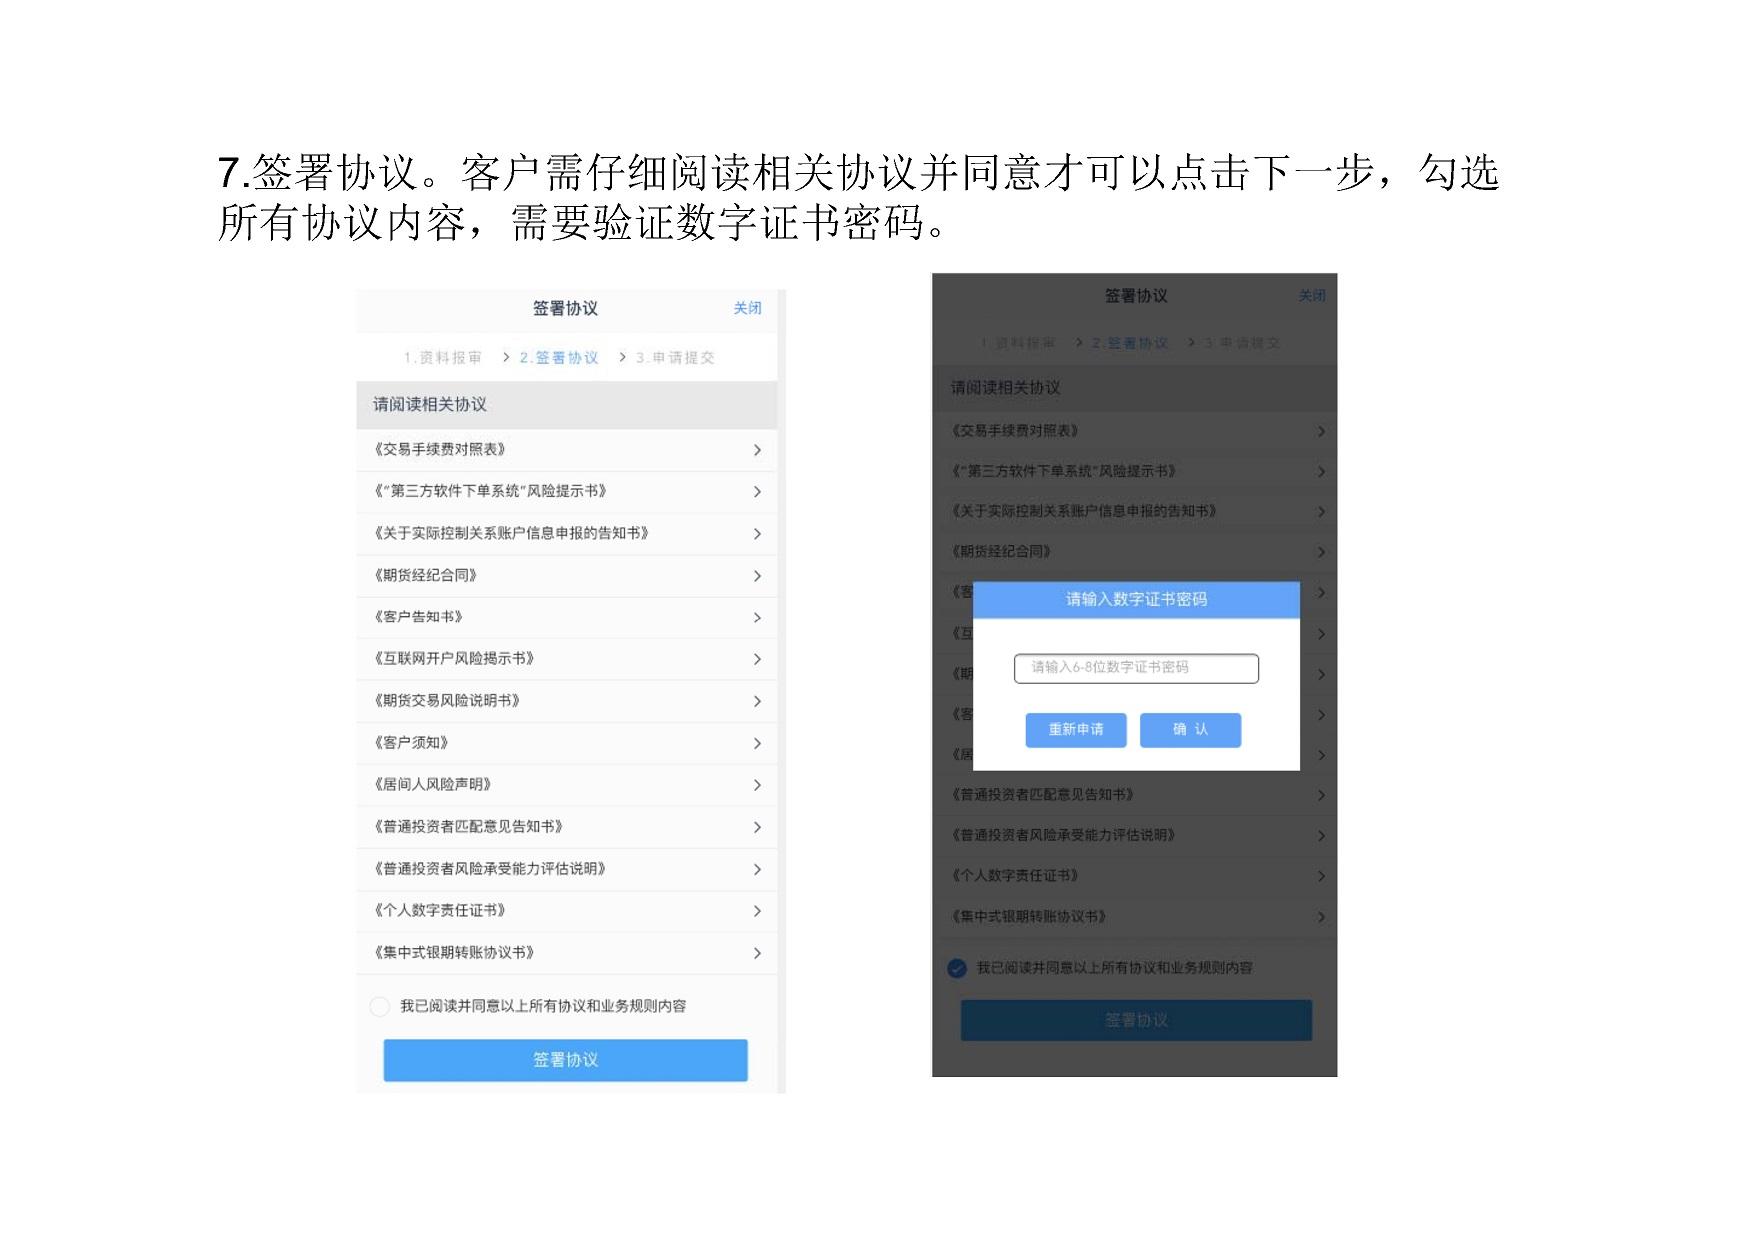 商品期货开户流程_Page15.jpg